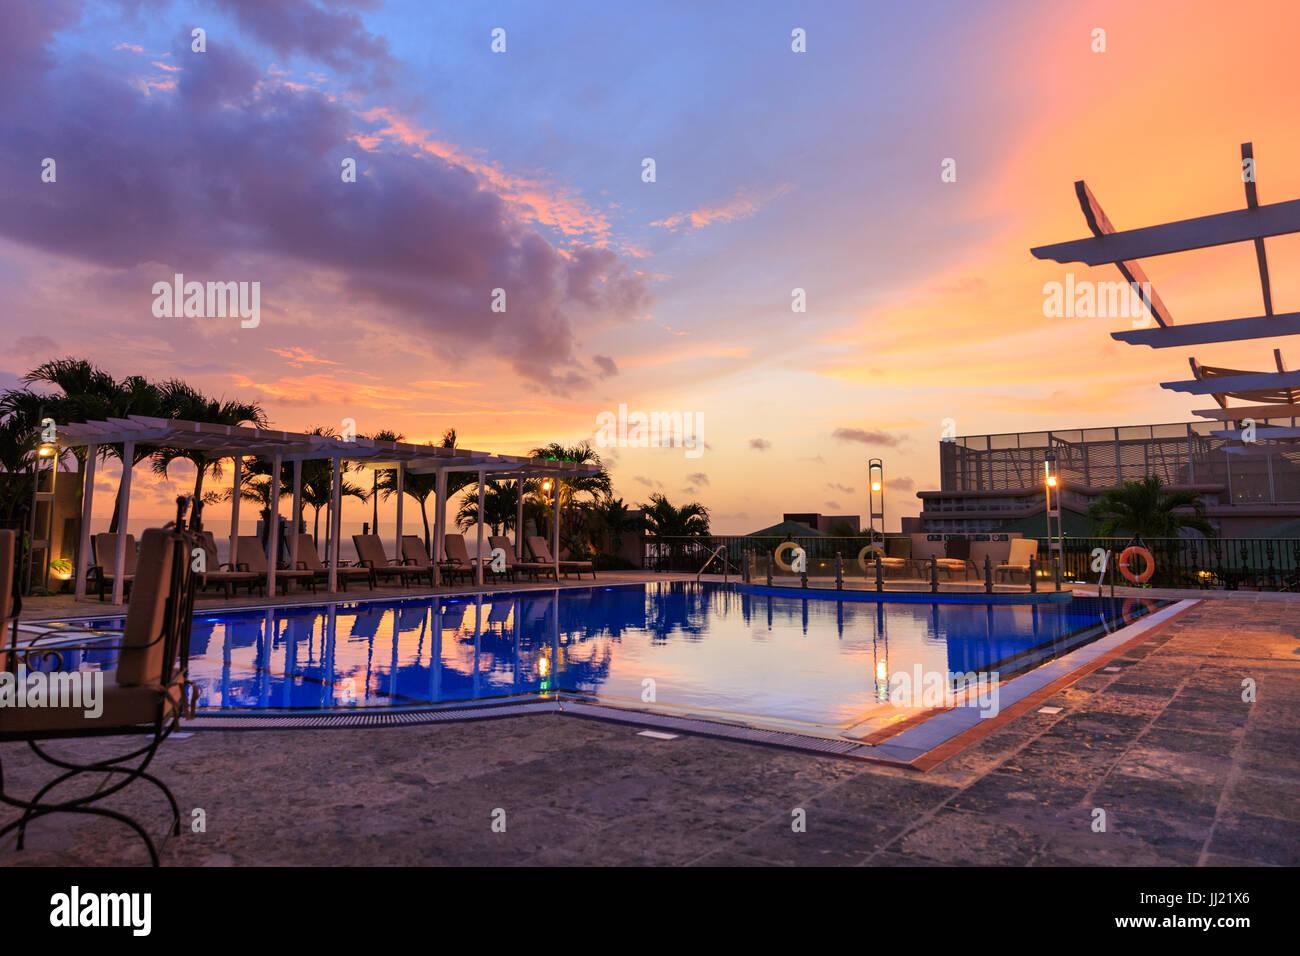 Sonnenuntergang von der Dachterrasse mit Pool des Hotel Parque Central in Havanna, Kuba Stockbild